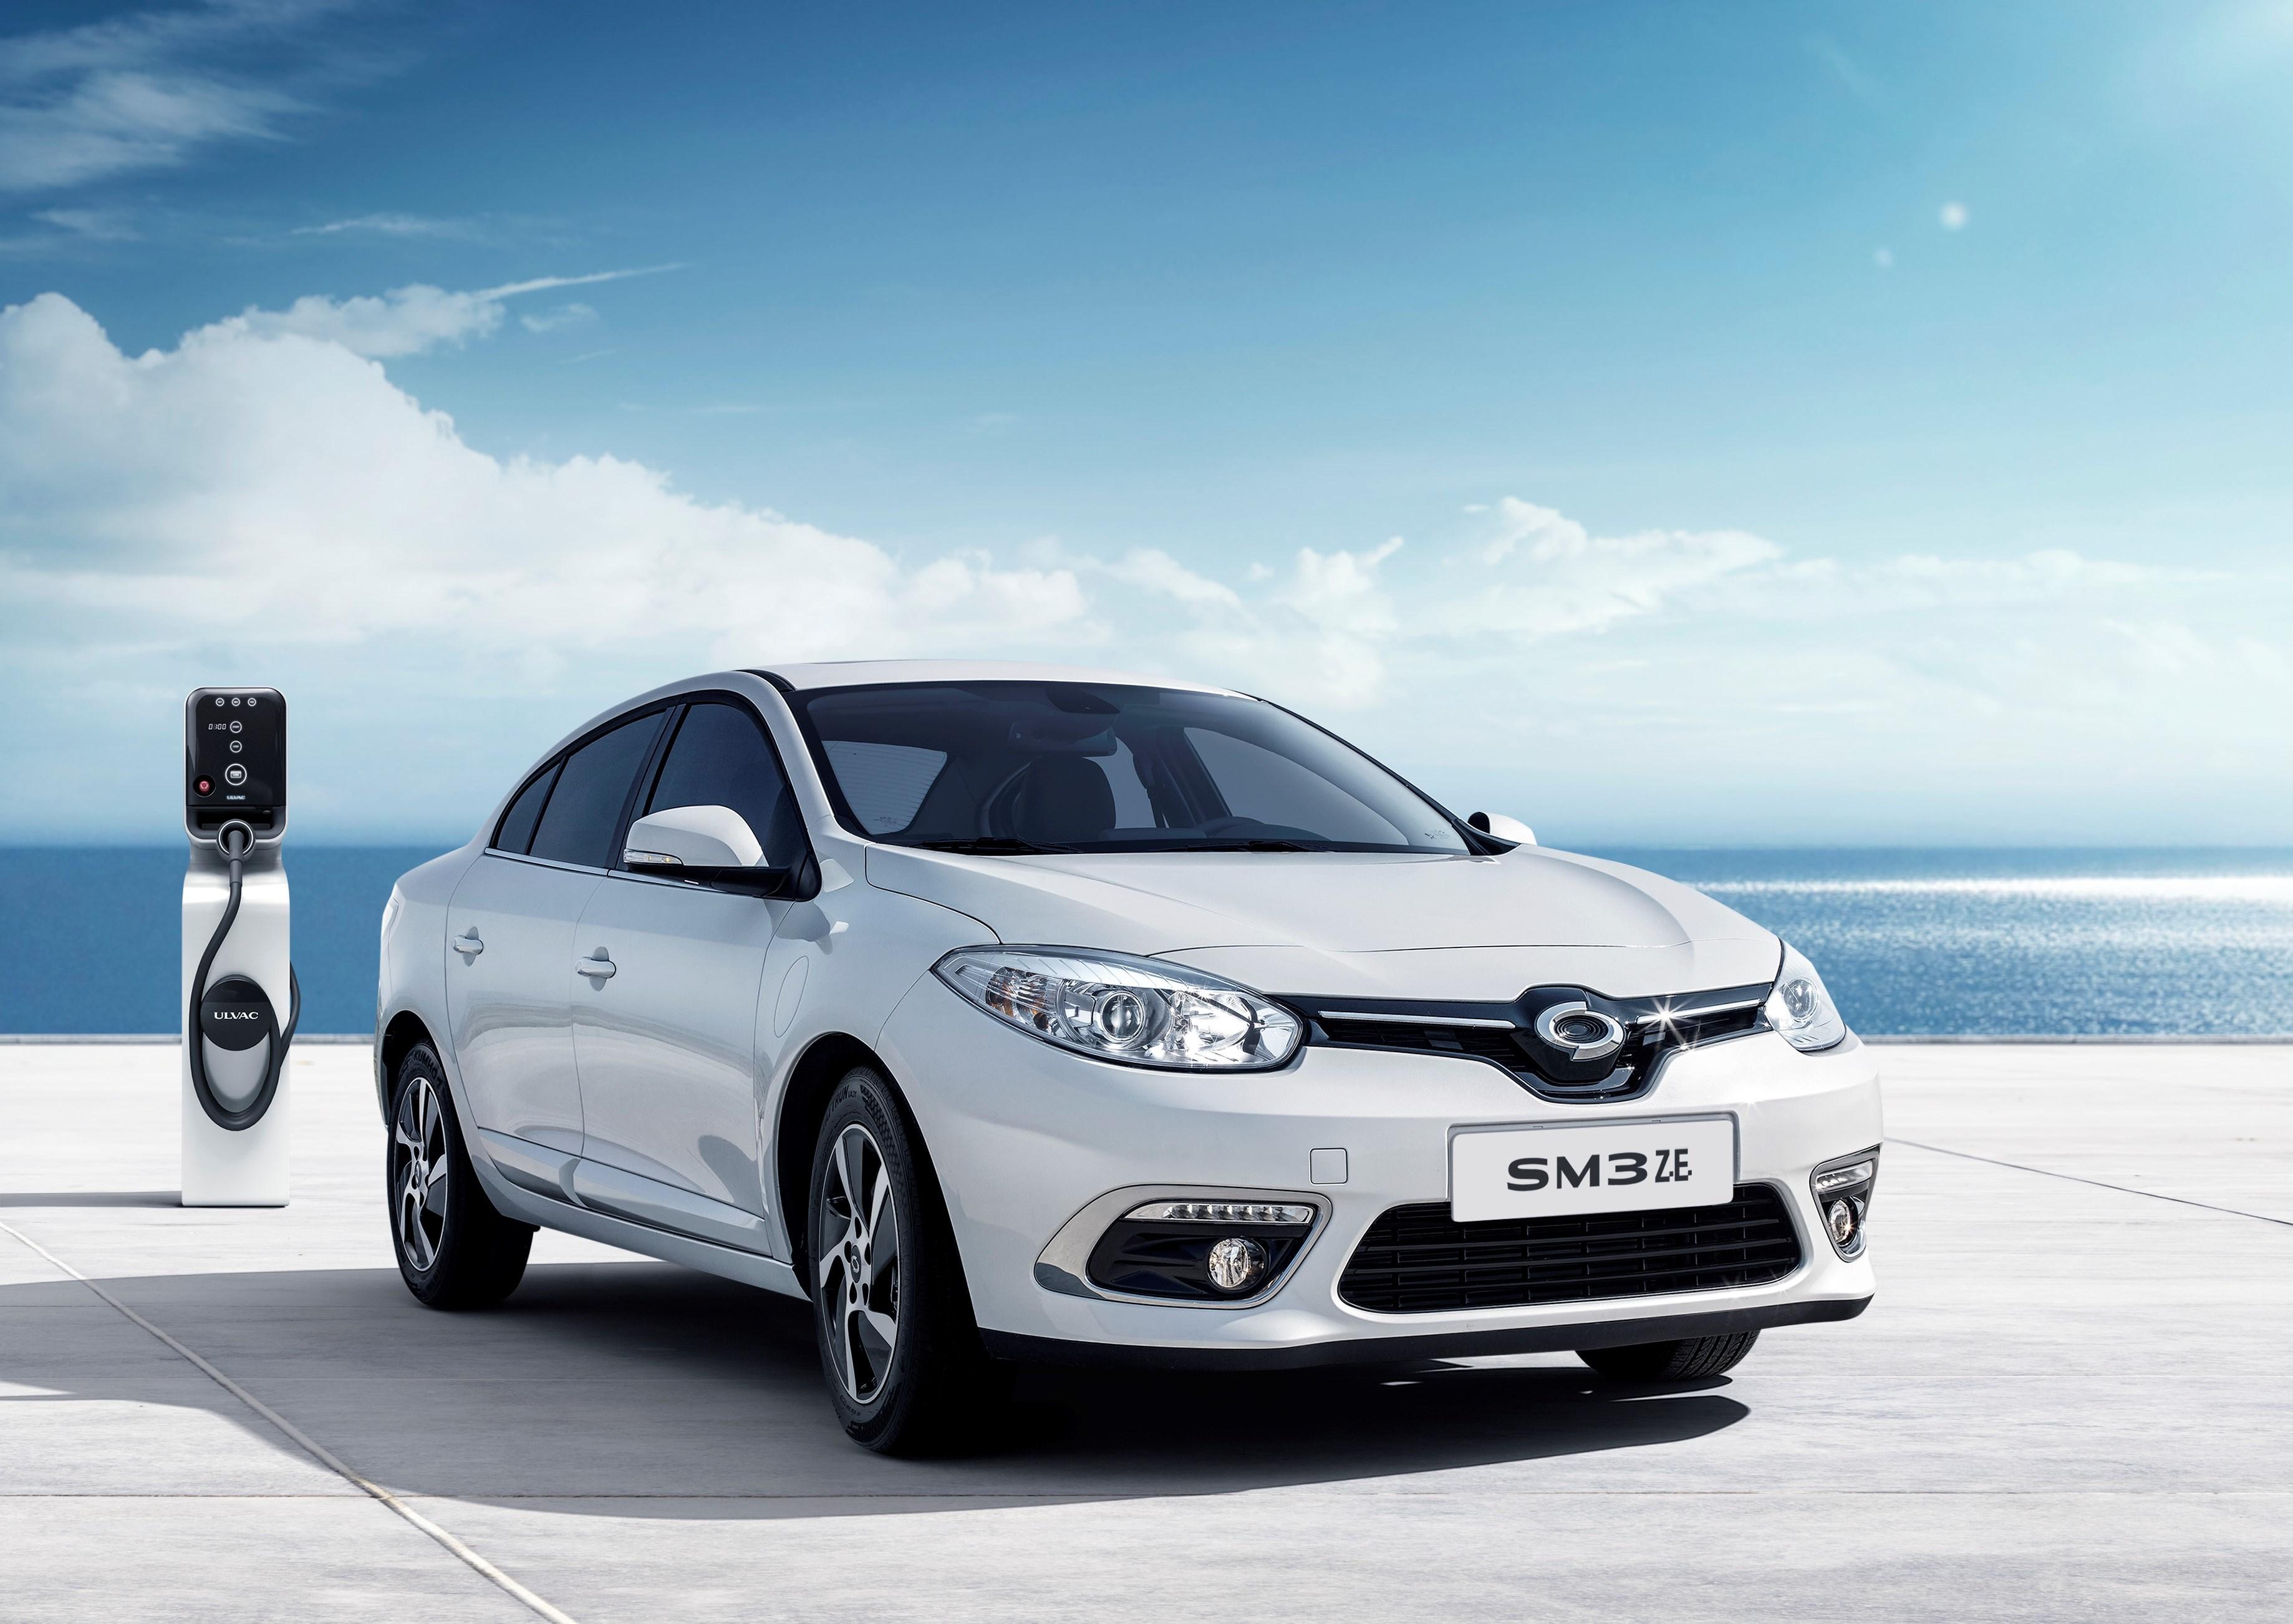 La Renault Samsung Motors SM3 ZE voit son autonomie augmenter de 57%